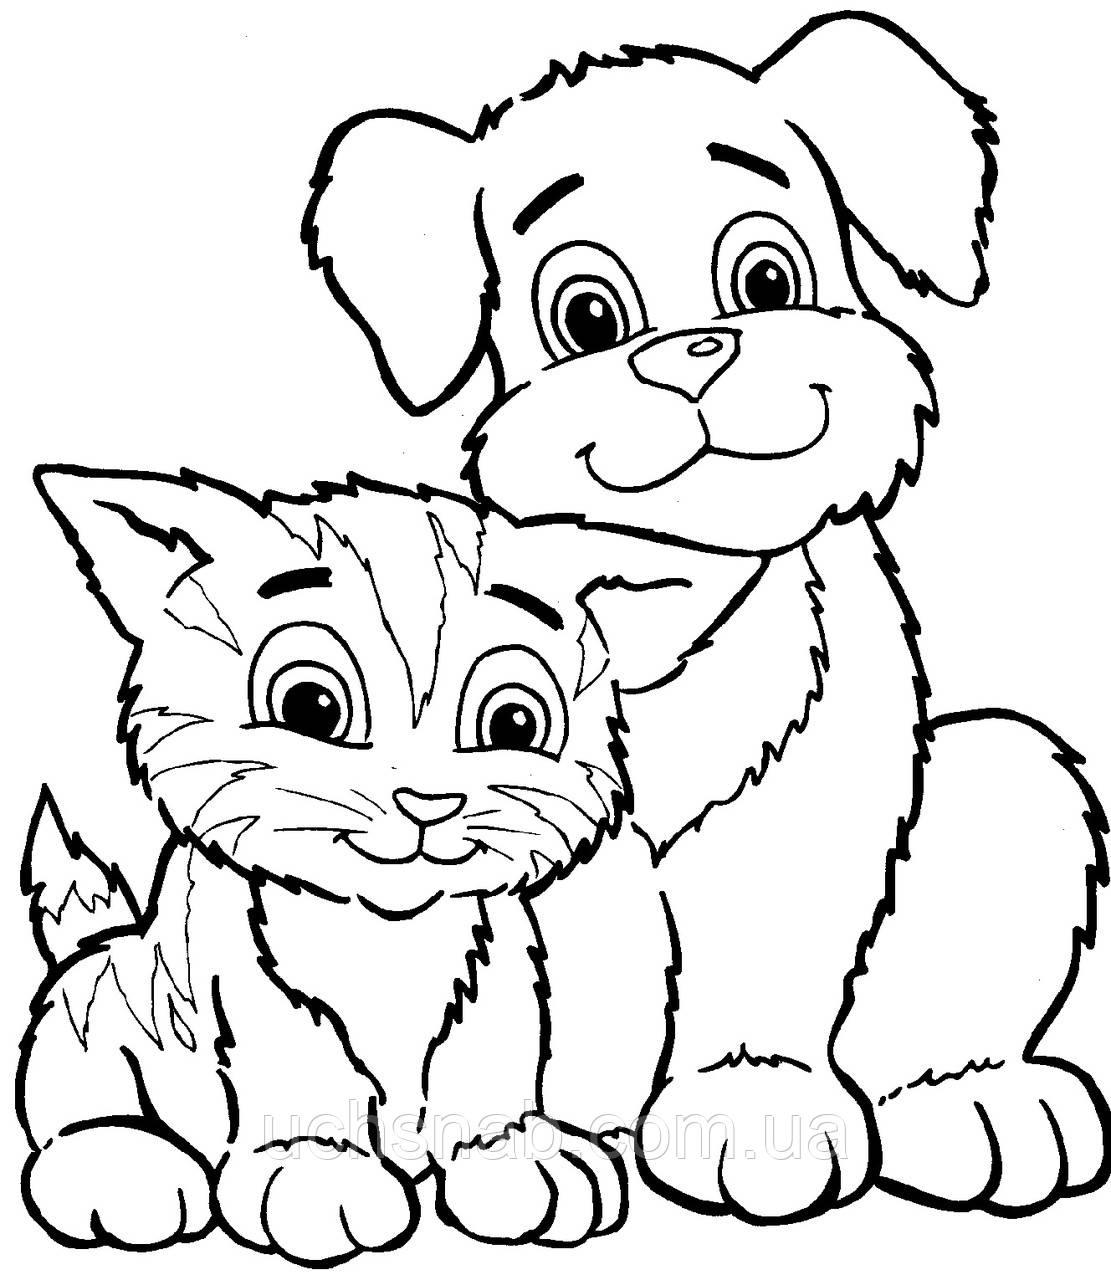 Раскраски для детей Кот и собака купить недорого ...